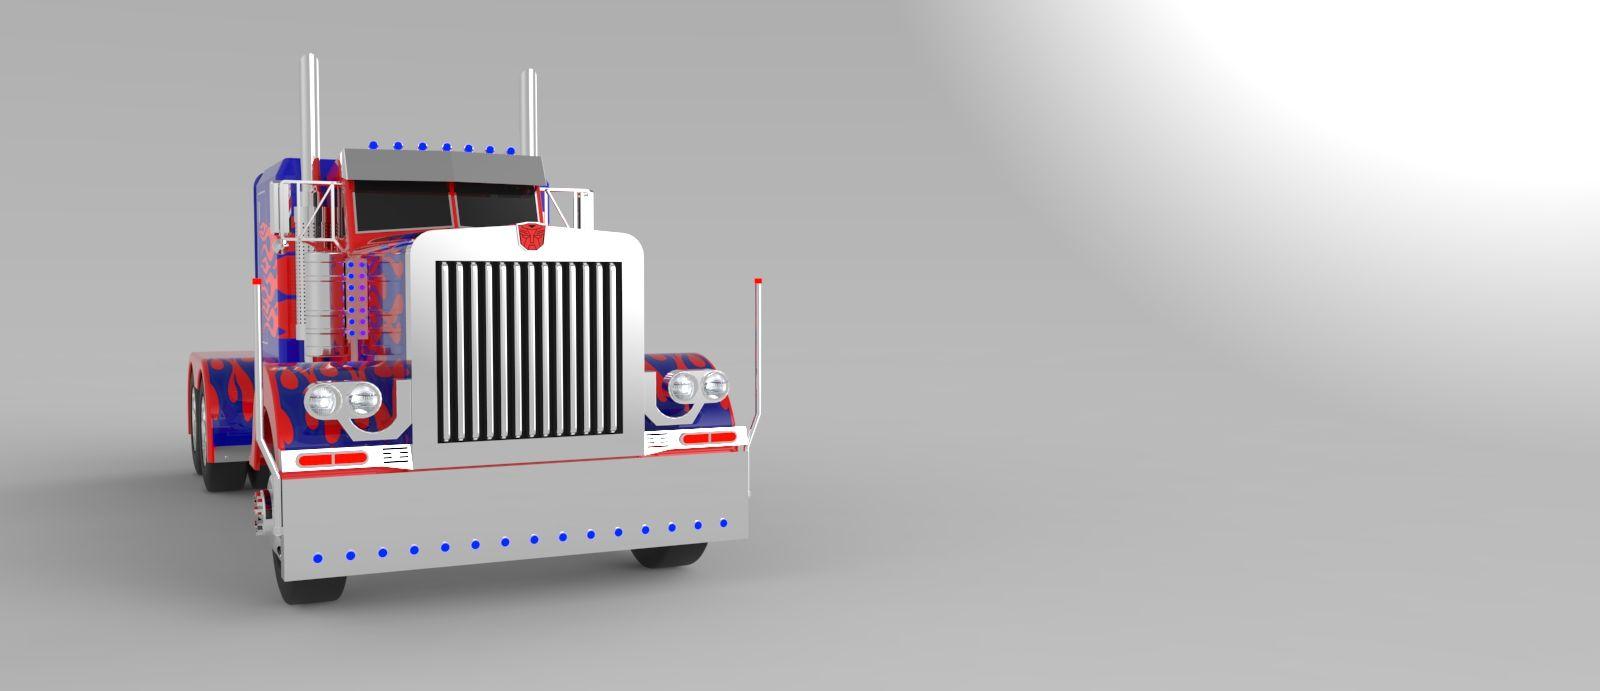 Optimus-38-3500-3500